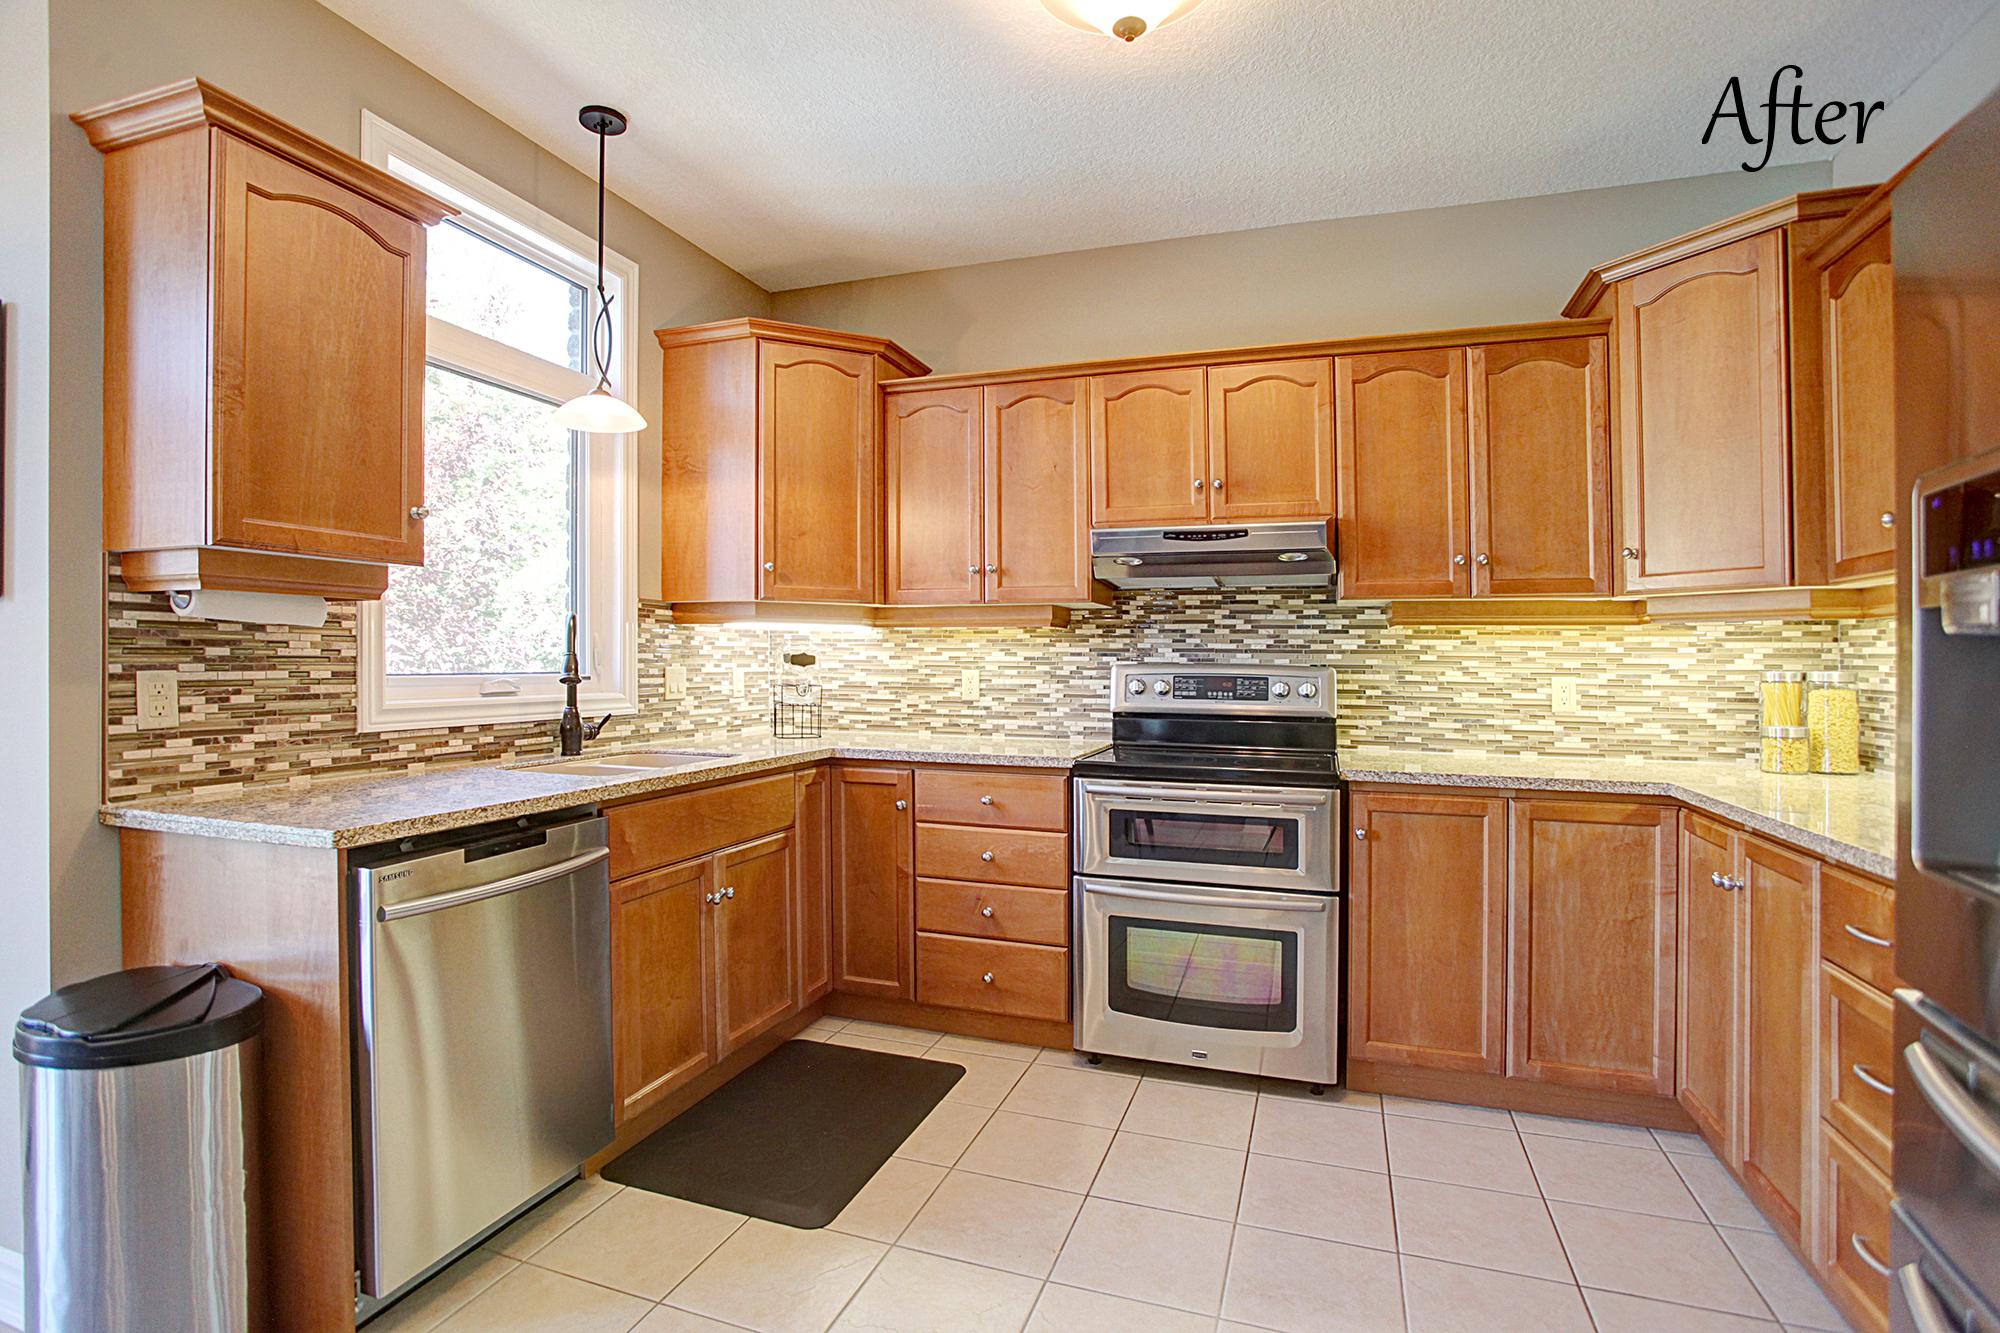 Kitchen 1 - After.jpg